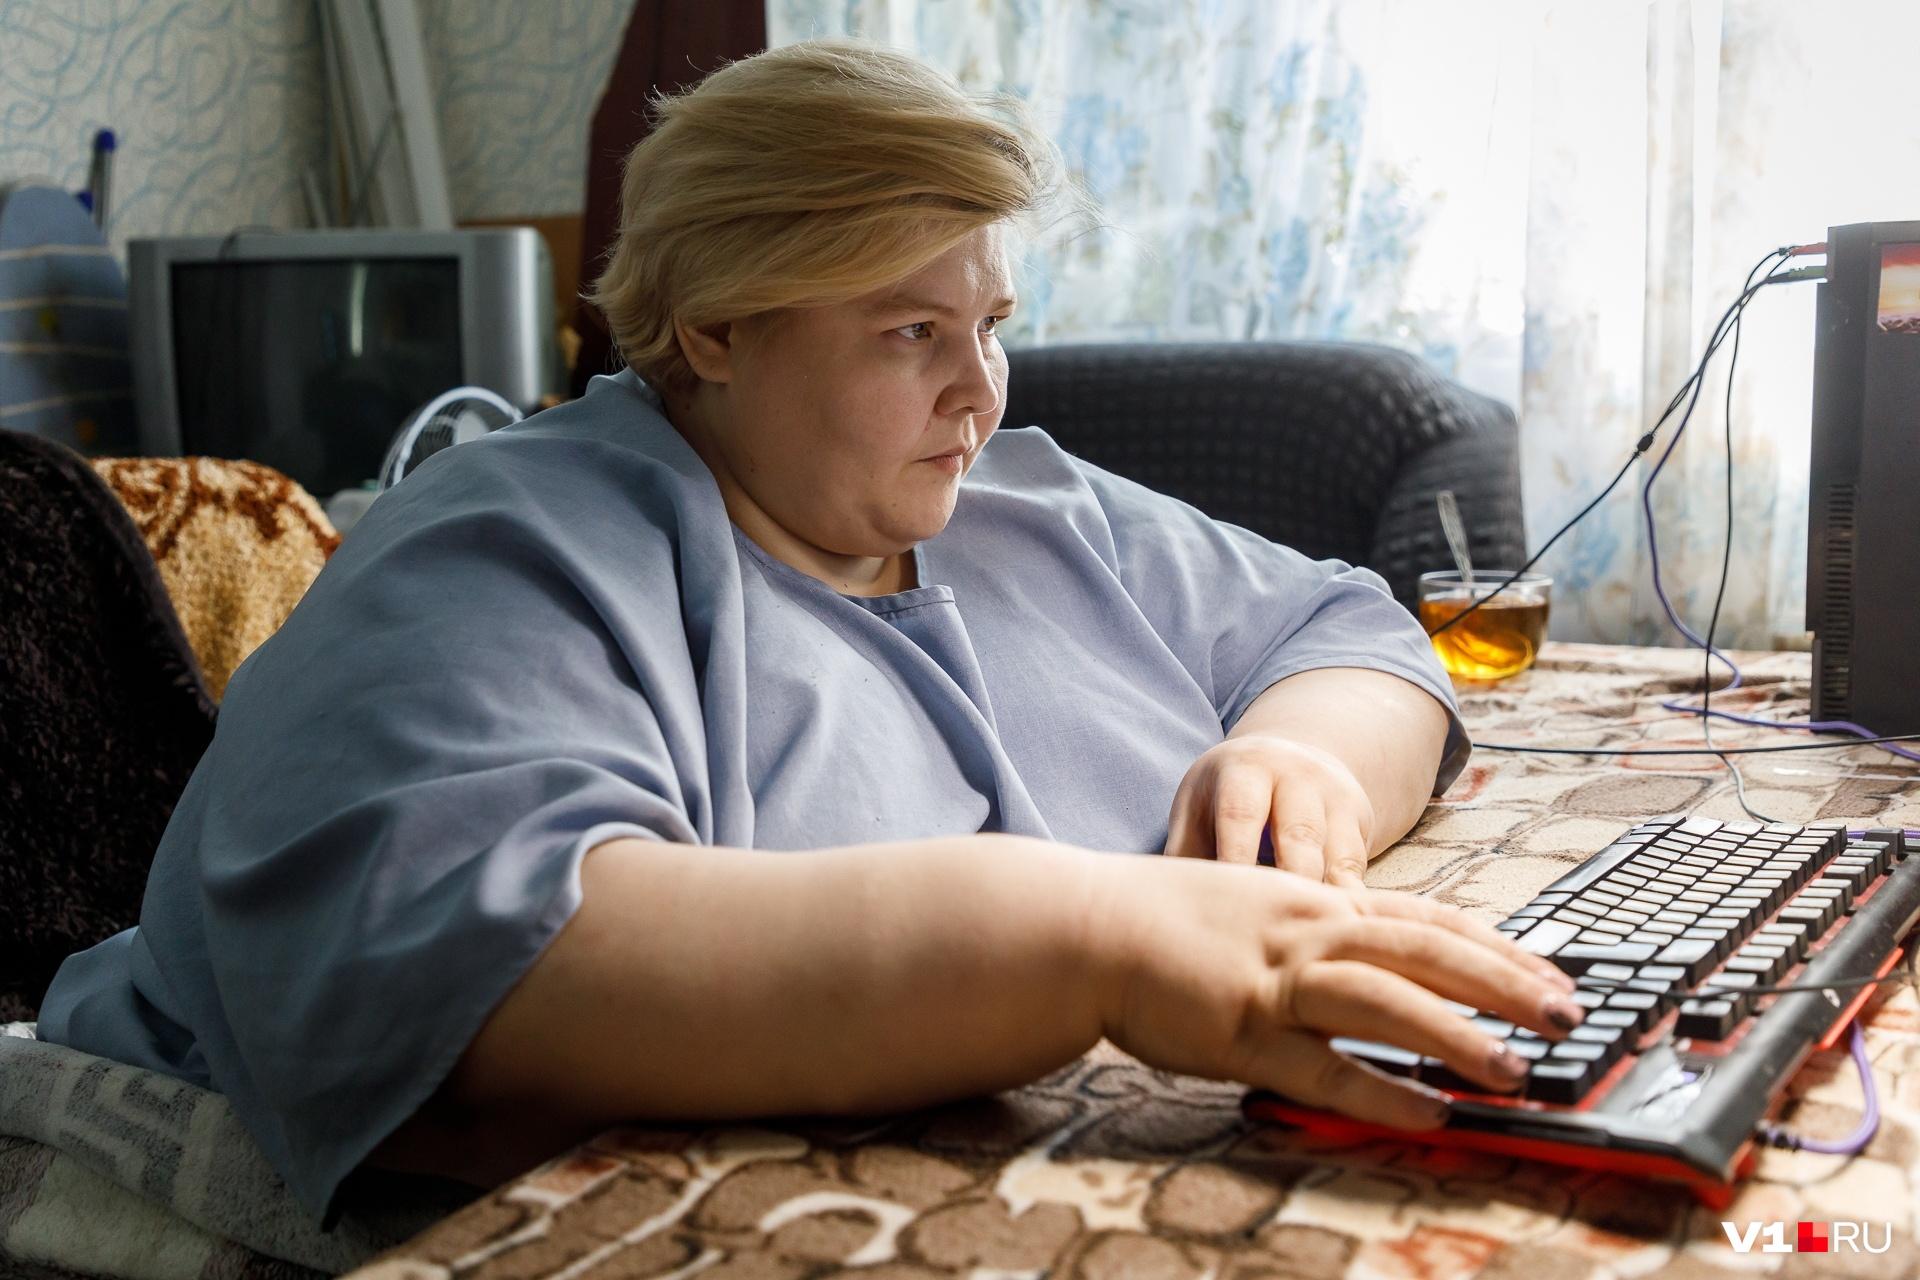 Ради выздоровления Наталья Руденко готова выбросить все из своего холодильника и вспомнить о врачах